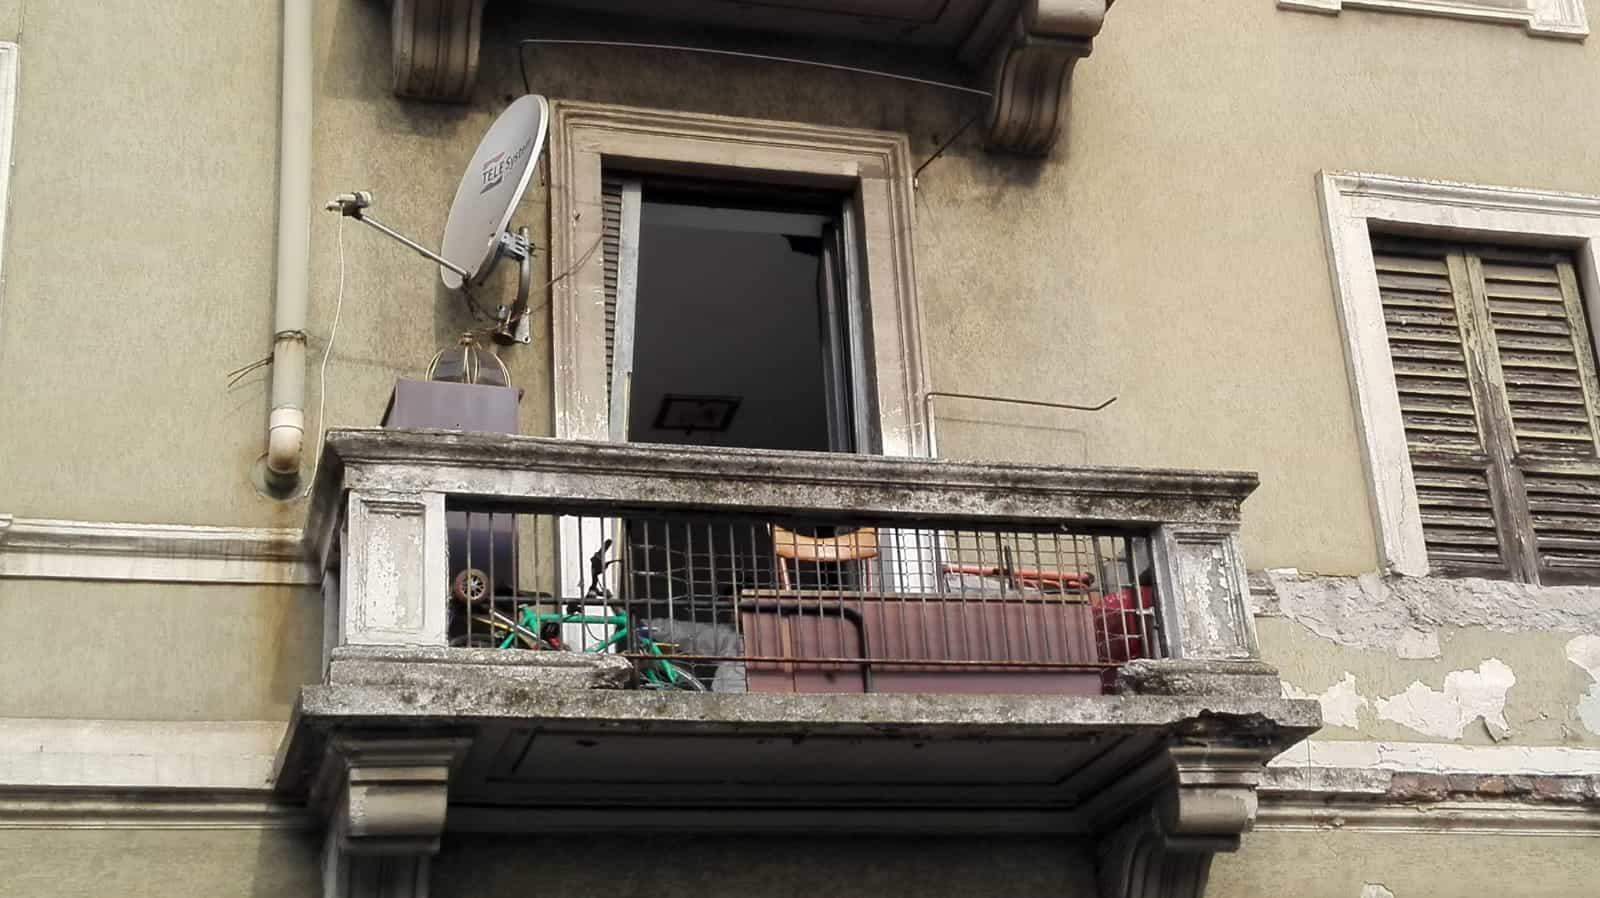 Omicidio in viale Monza a Milano (3)